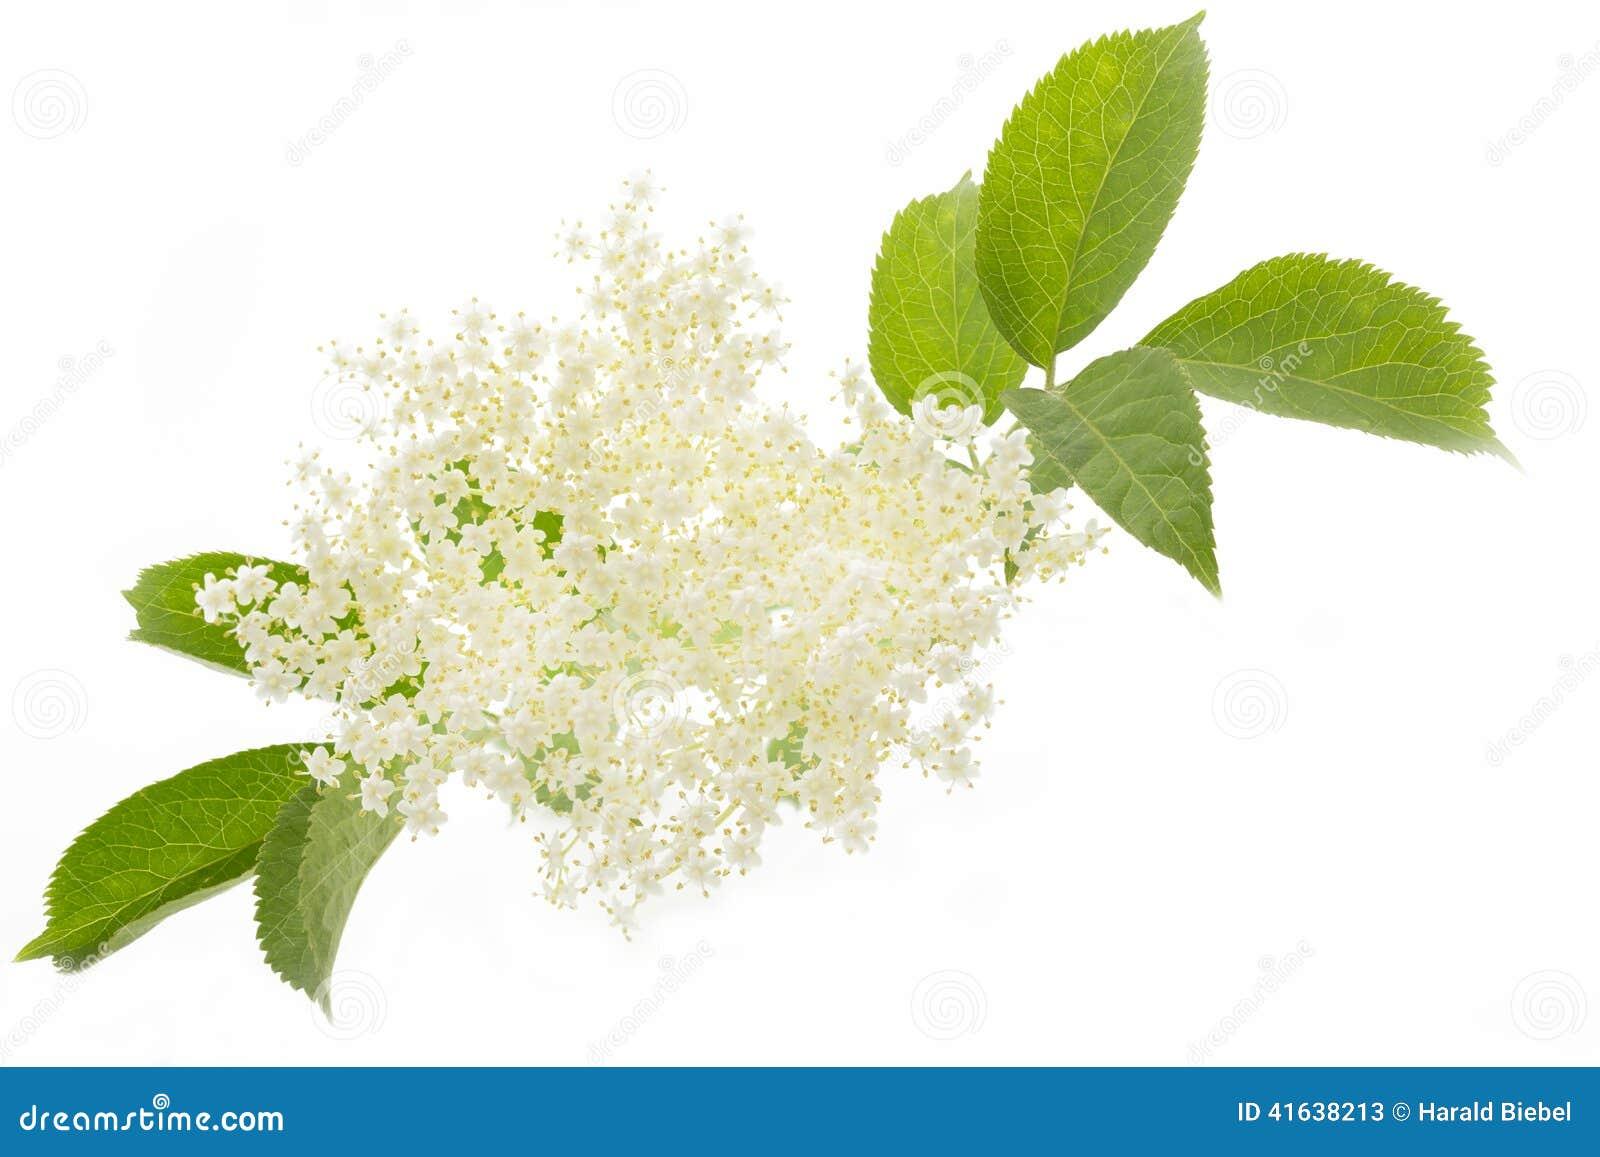 fleur de sureau sur le fond blanc photo stock - image: 41638213